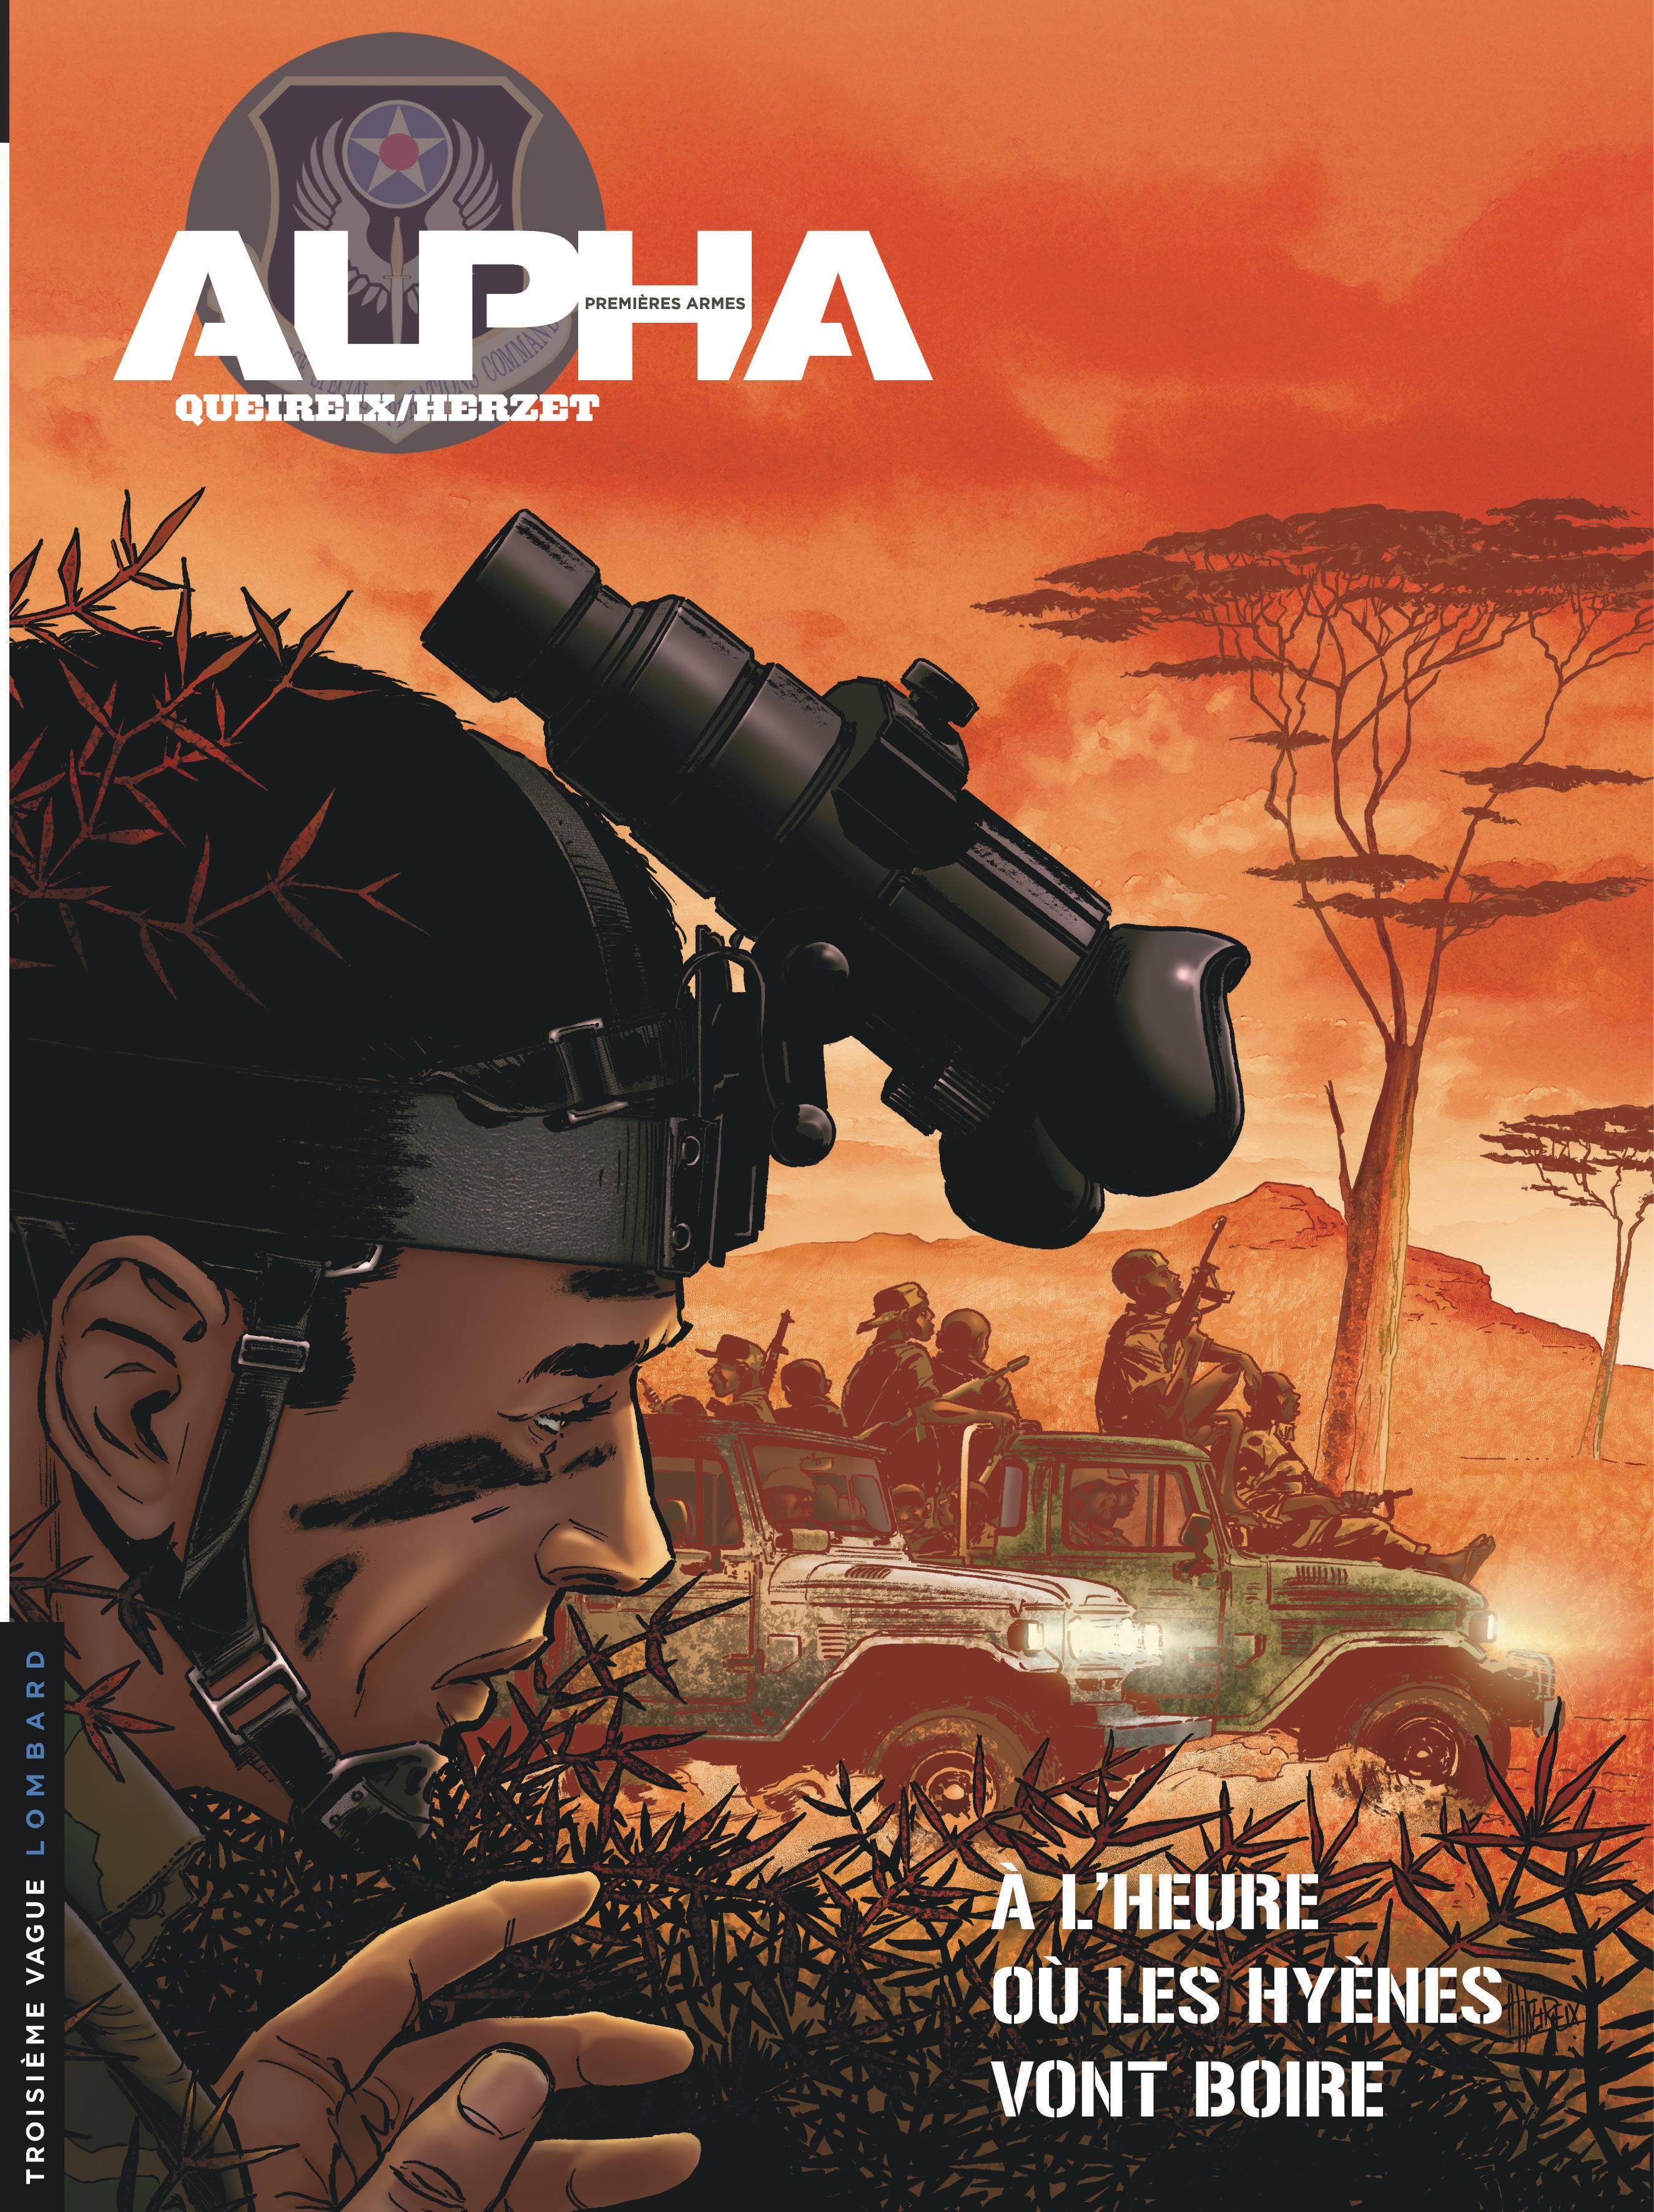 ALPHA PREMIERES ARMES - ALPHA (PREMIERES ARMES) - TOME 5 - A L'HEURE OU LES HYENES VONT BOIRE